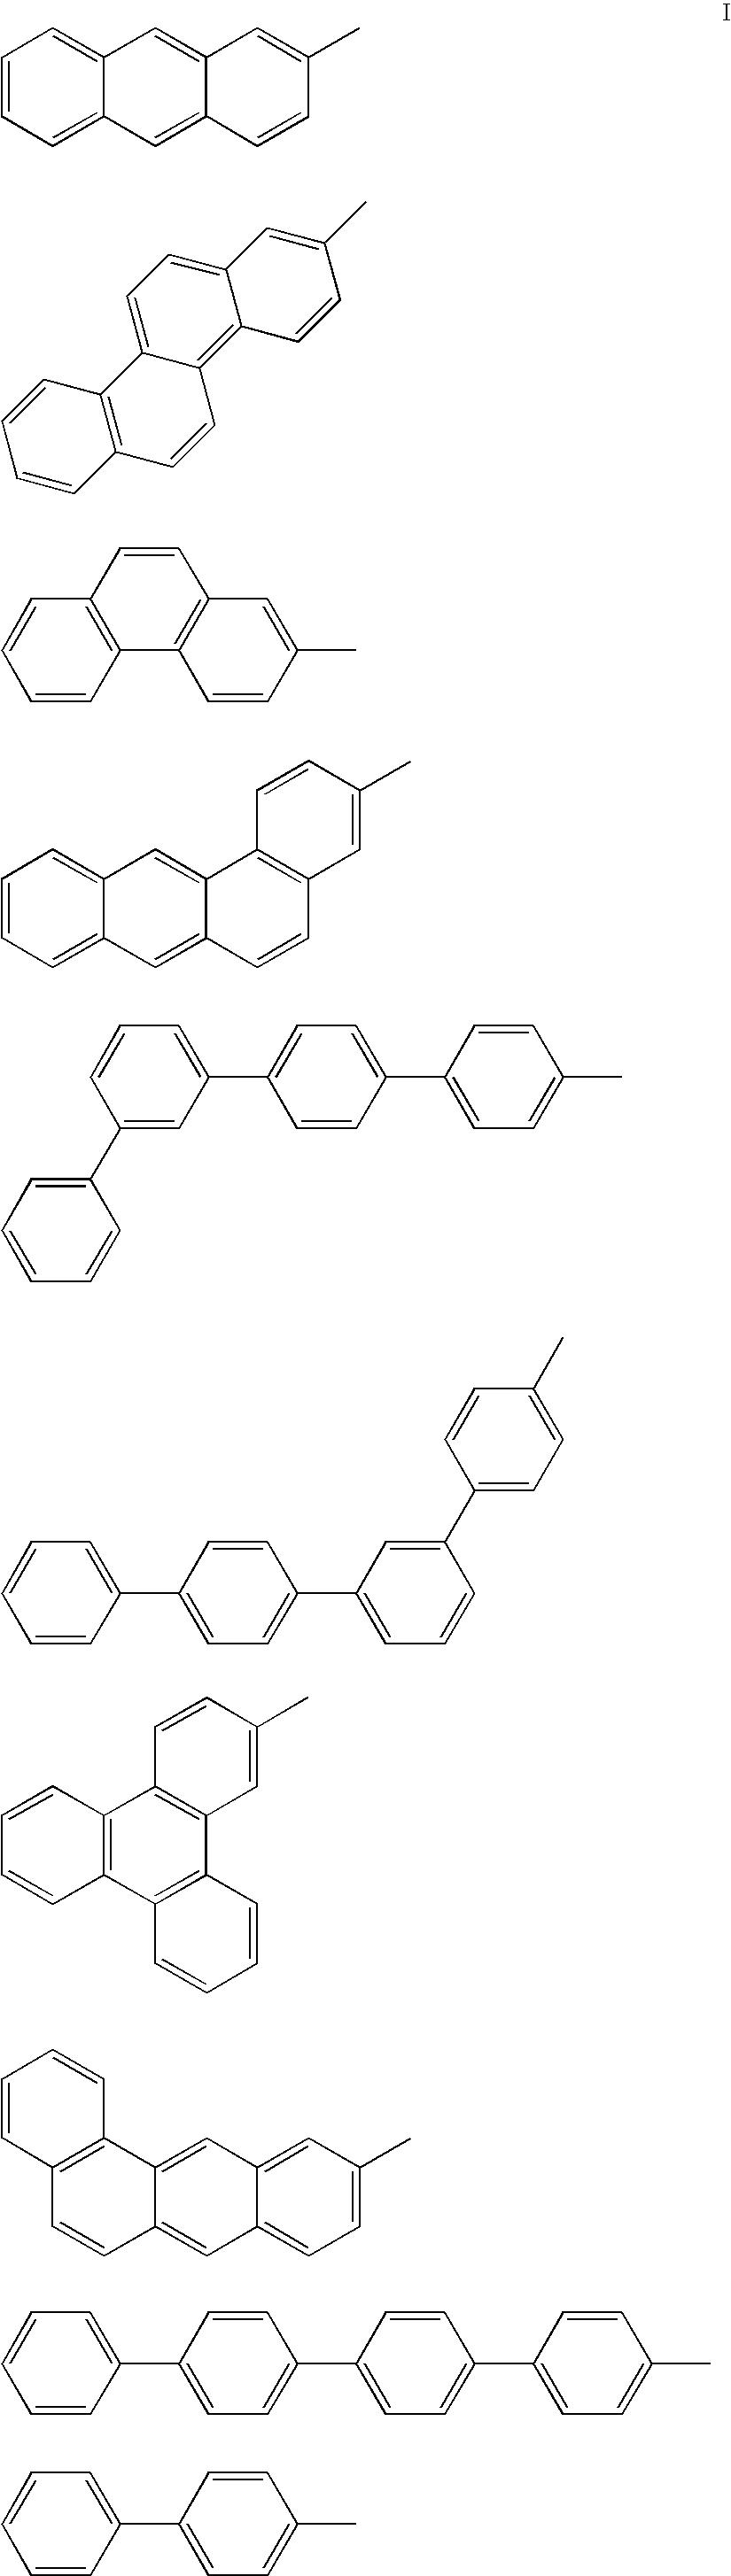 Figure US08026323-20110927-C00003